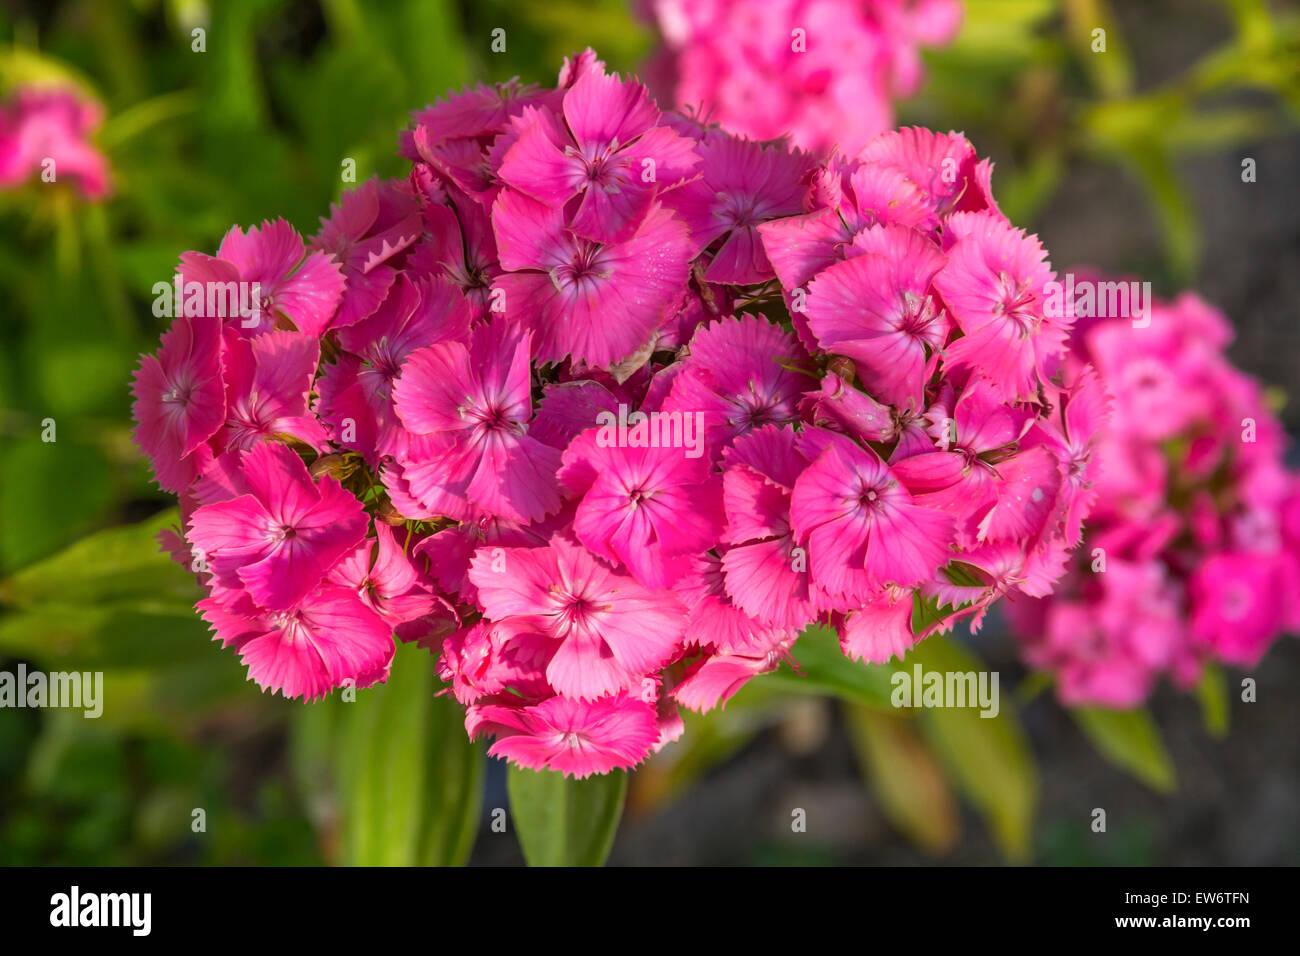 Dianthus barbatus blooms in the summertime garden - Stock Image